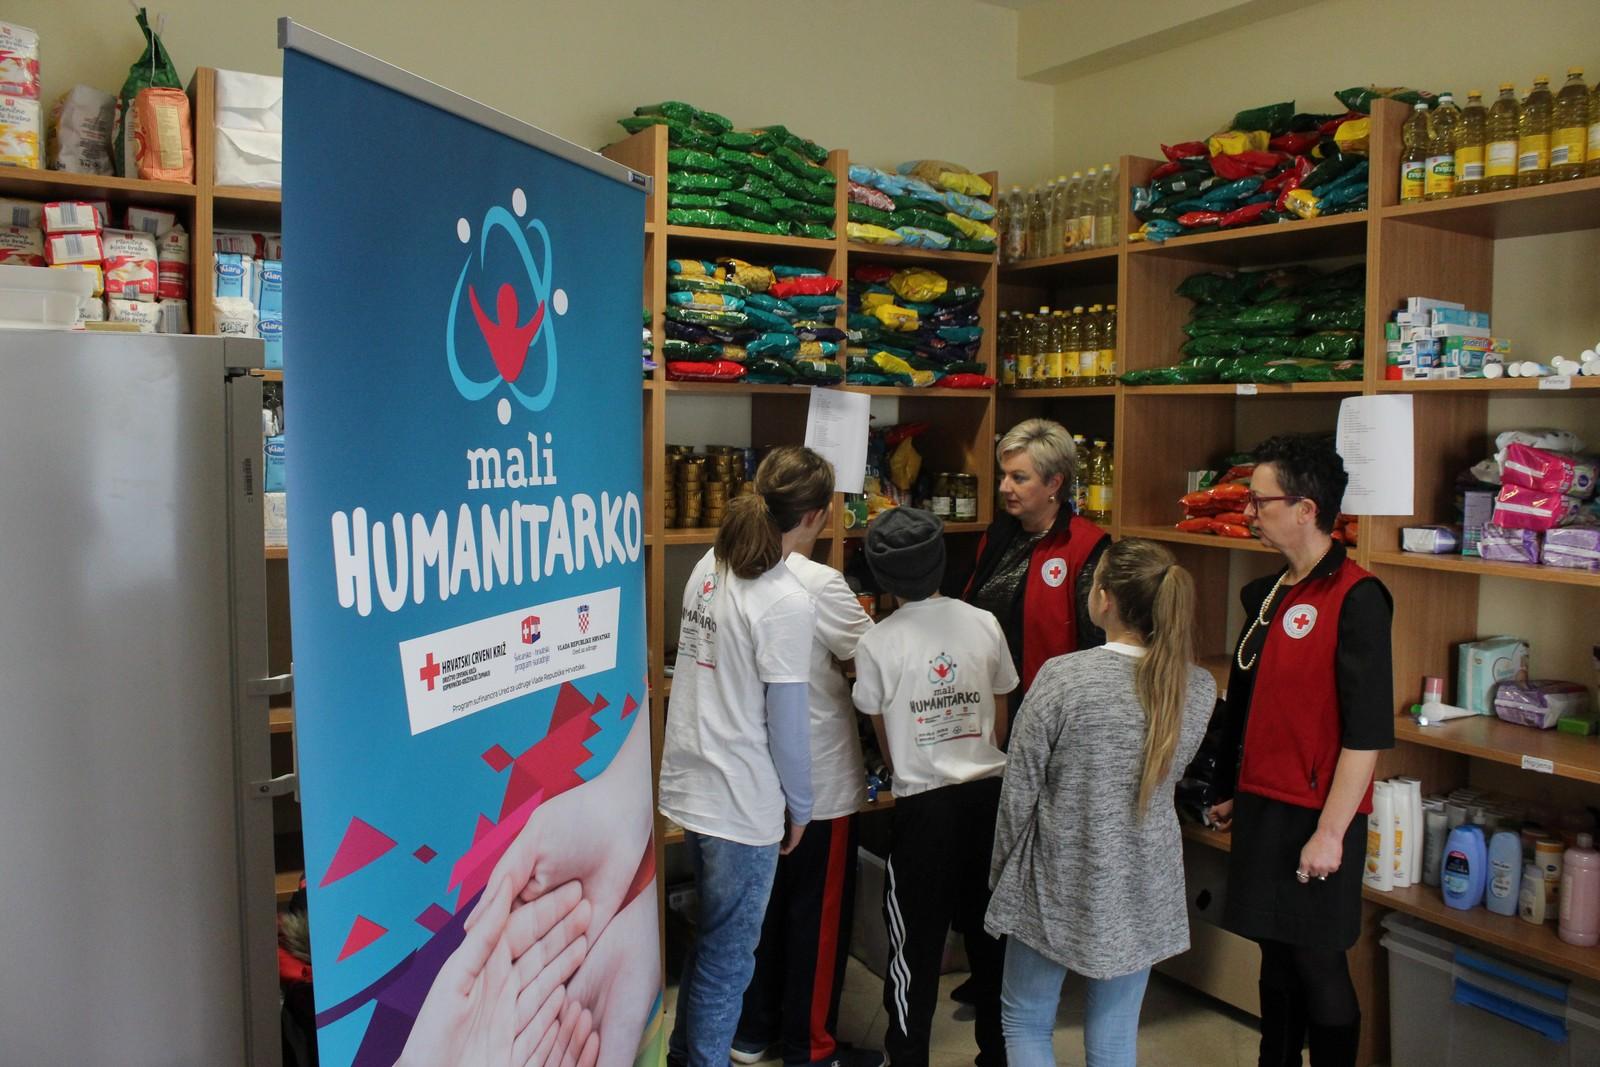 Mali humanitarko